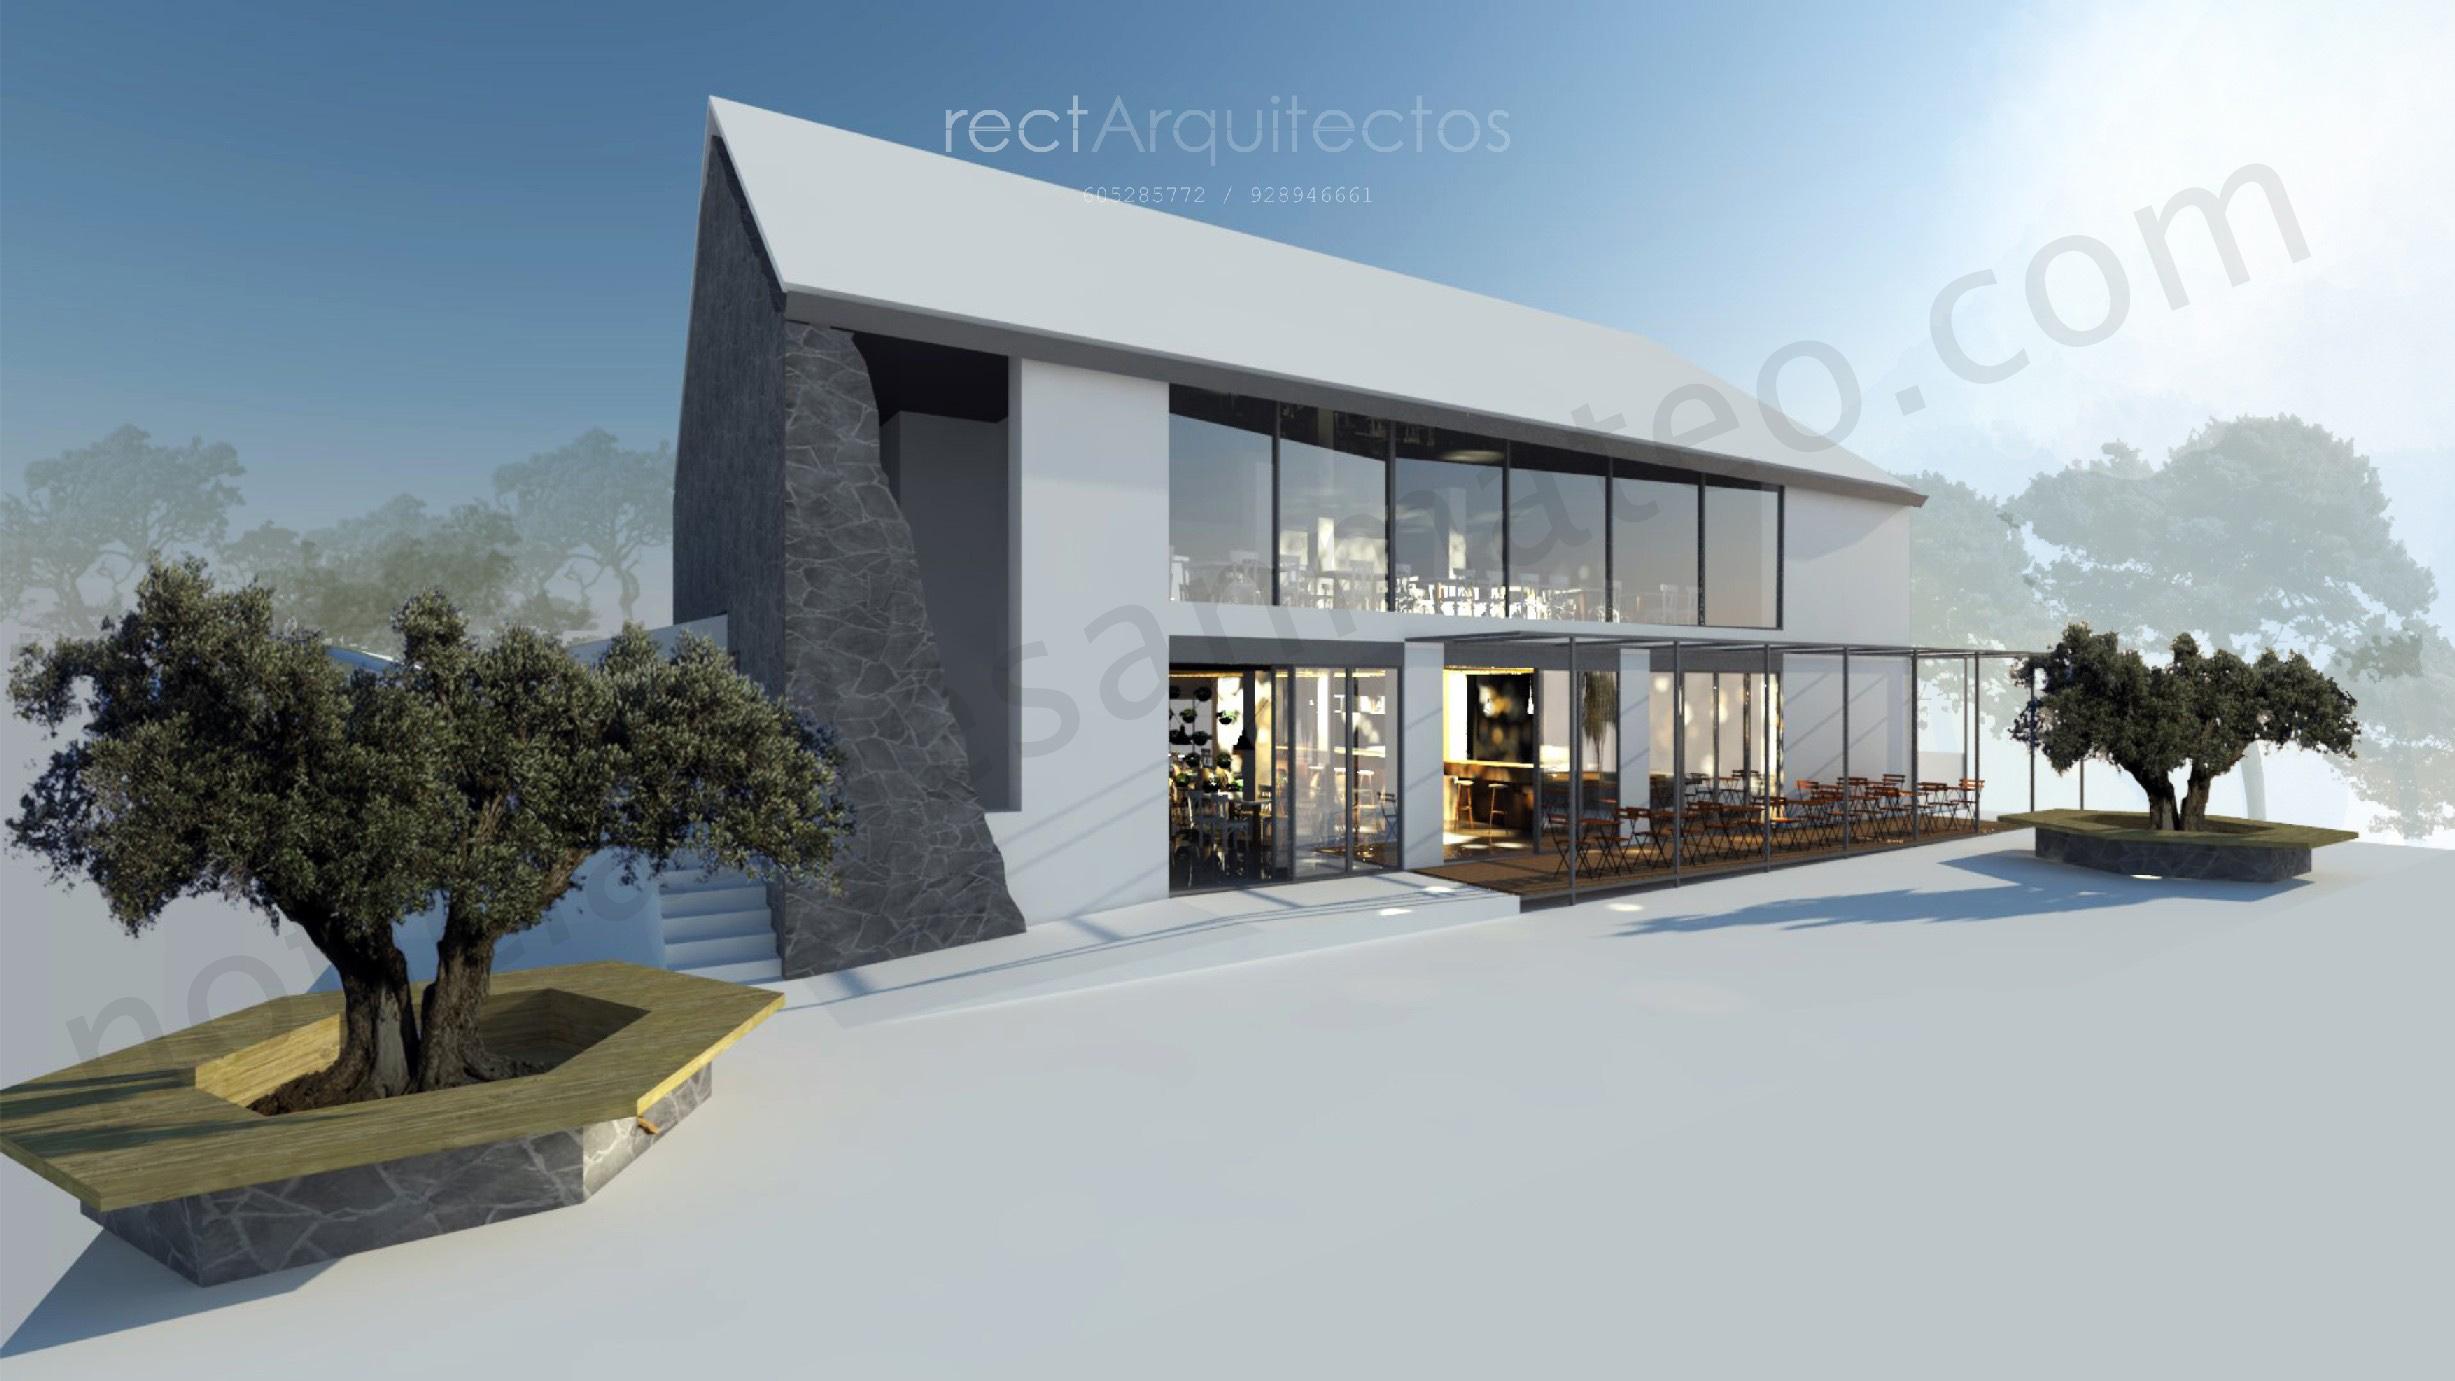 Restaurante El Mercado Proyecto26 EXTERIOR 01 REST. MERCADO